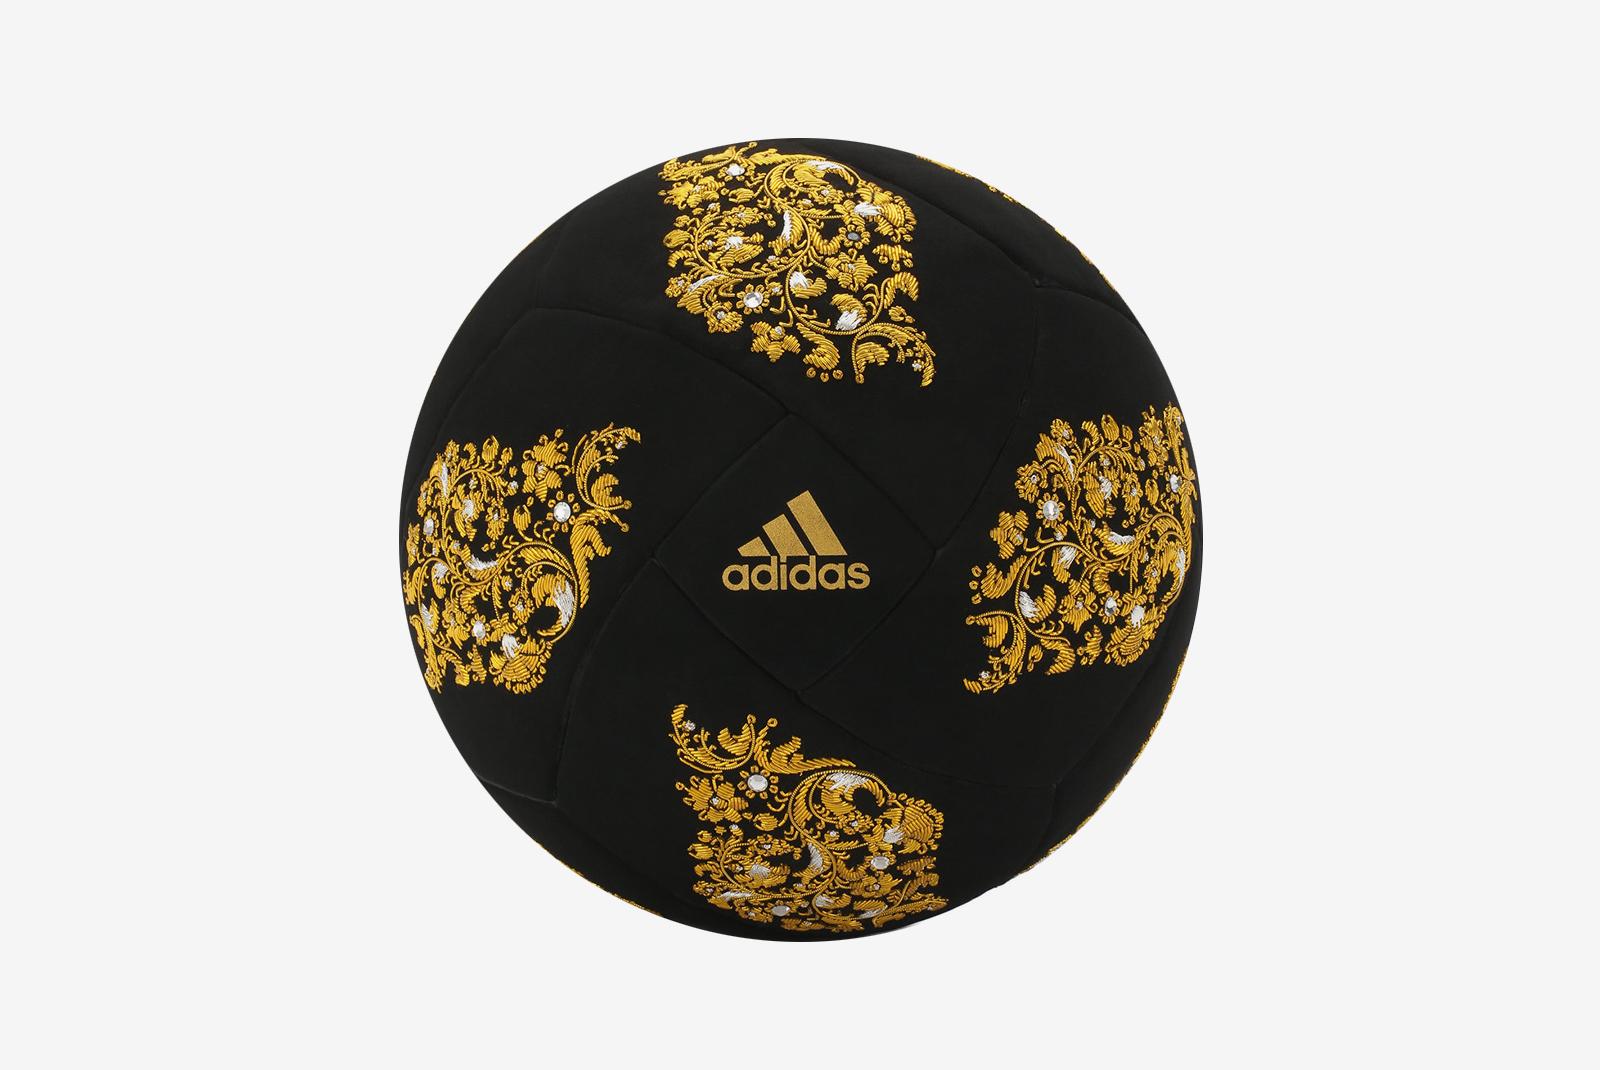 a1c7ec86ca78 Вишенка на торте — коллекционный футбольный мяч Deluxe Ball, созданный  adidas специально для московского ЦУМа. Аксессуар вручную расшит узорами  наподобие ...